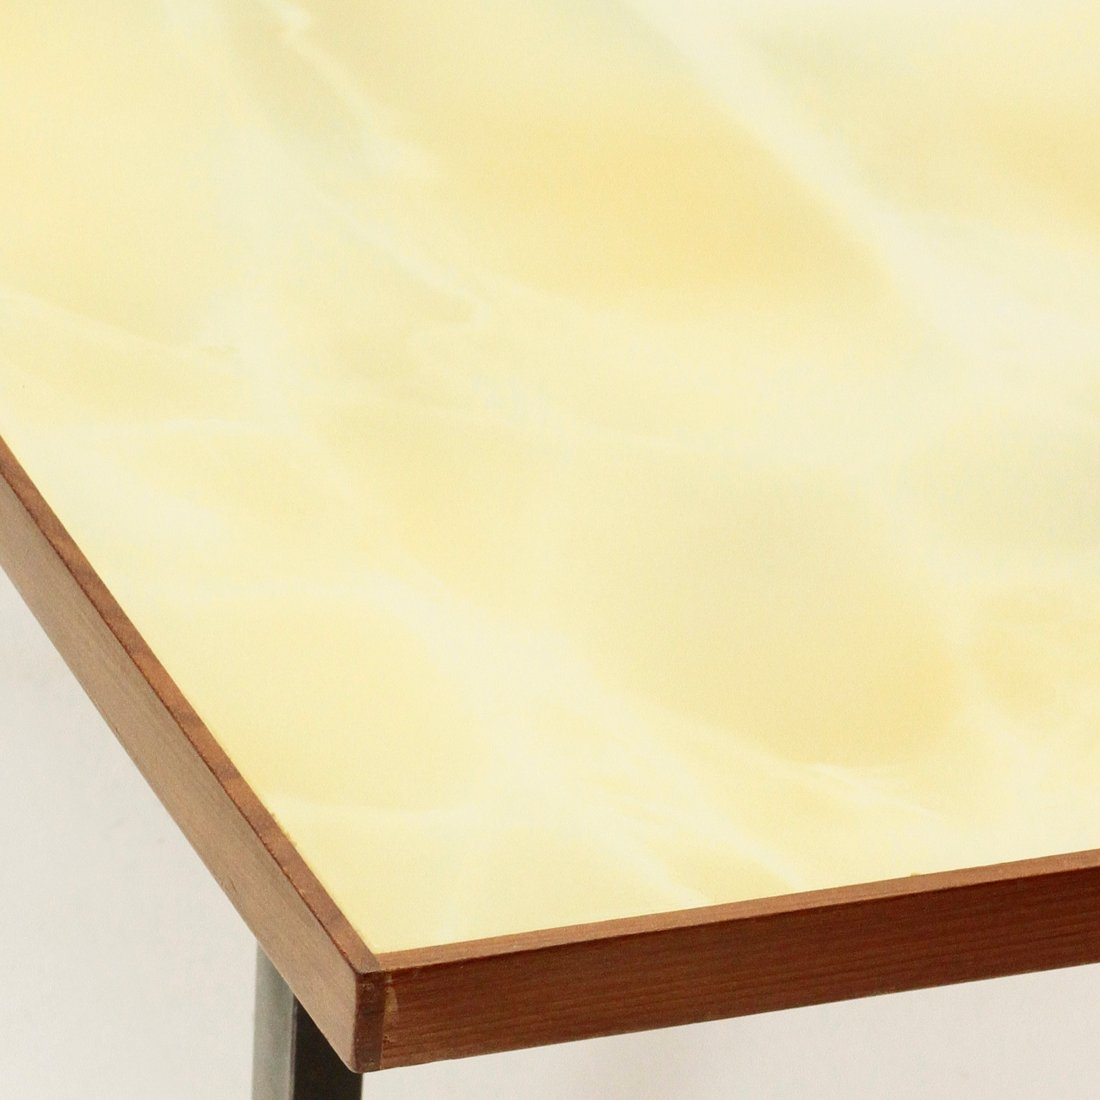 Italienischer esstisch mit gelber tischplatte aus glas for Esstisch yellow